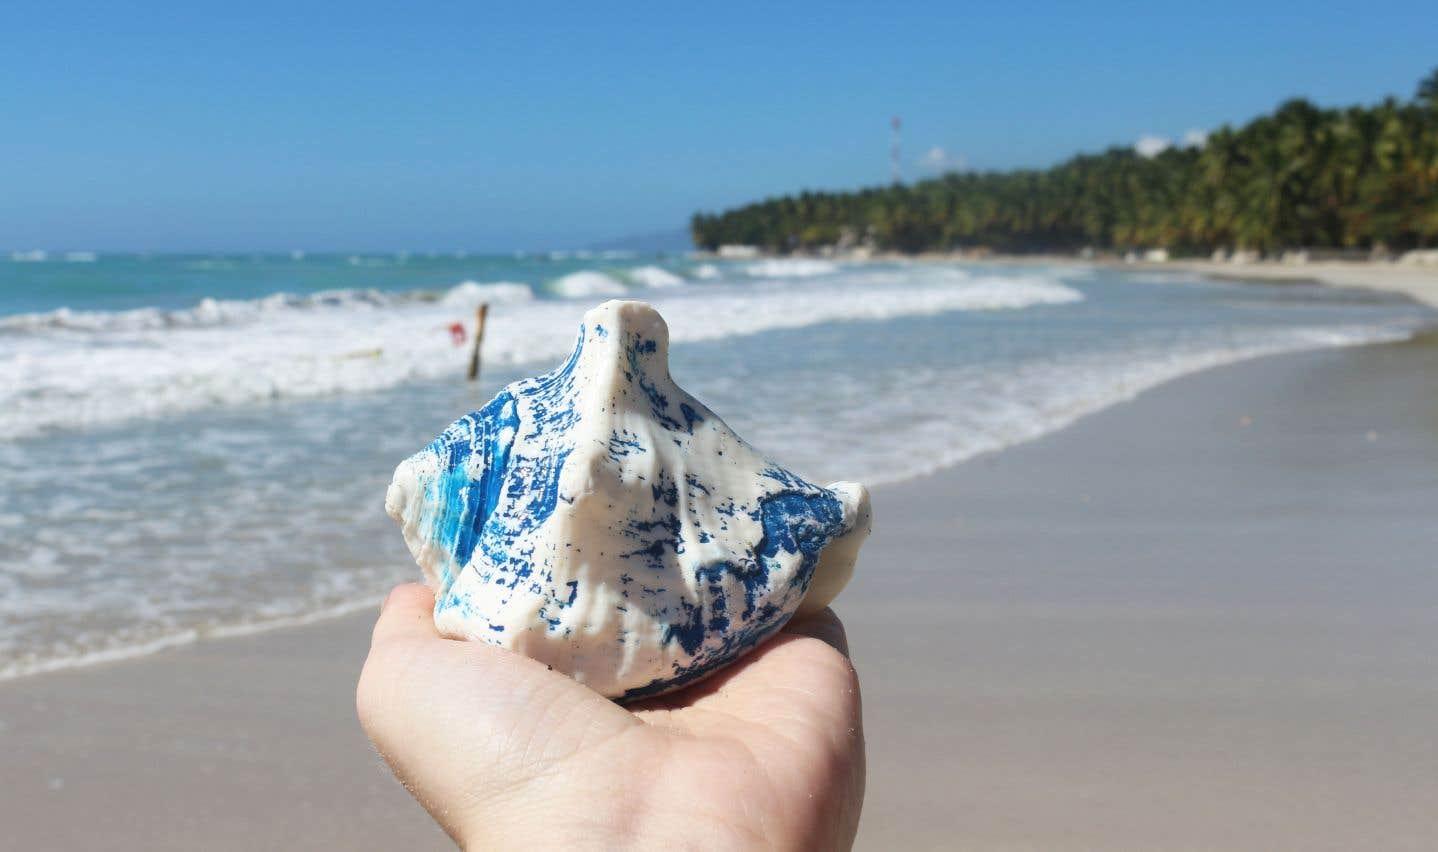 La plage de Ti Mouillage, du côté de Cayes-Jacmel.